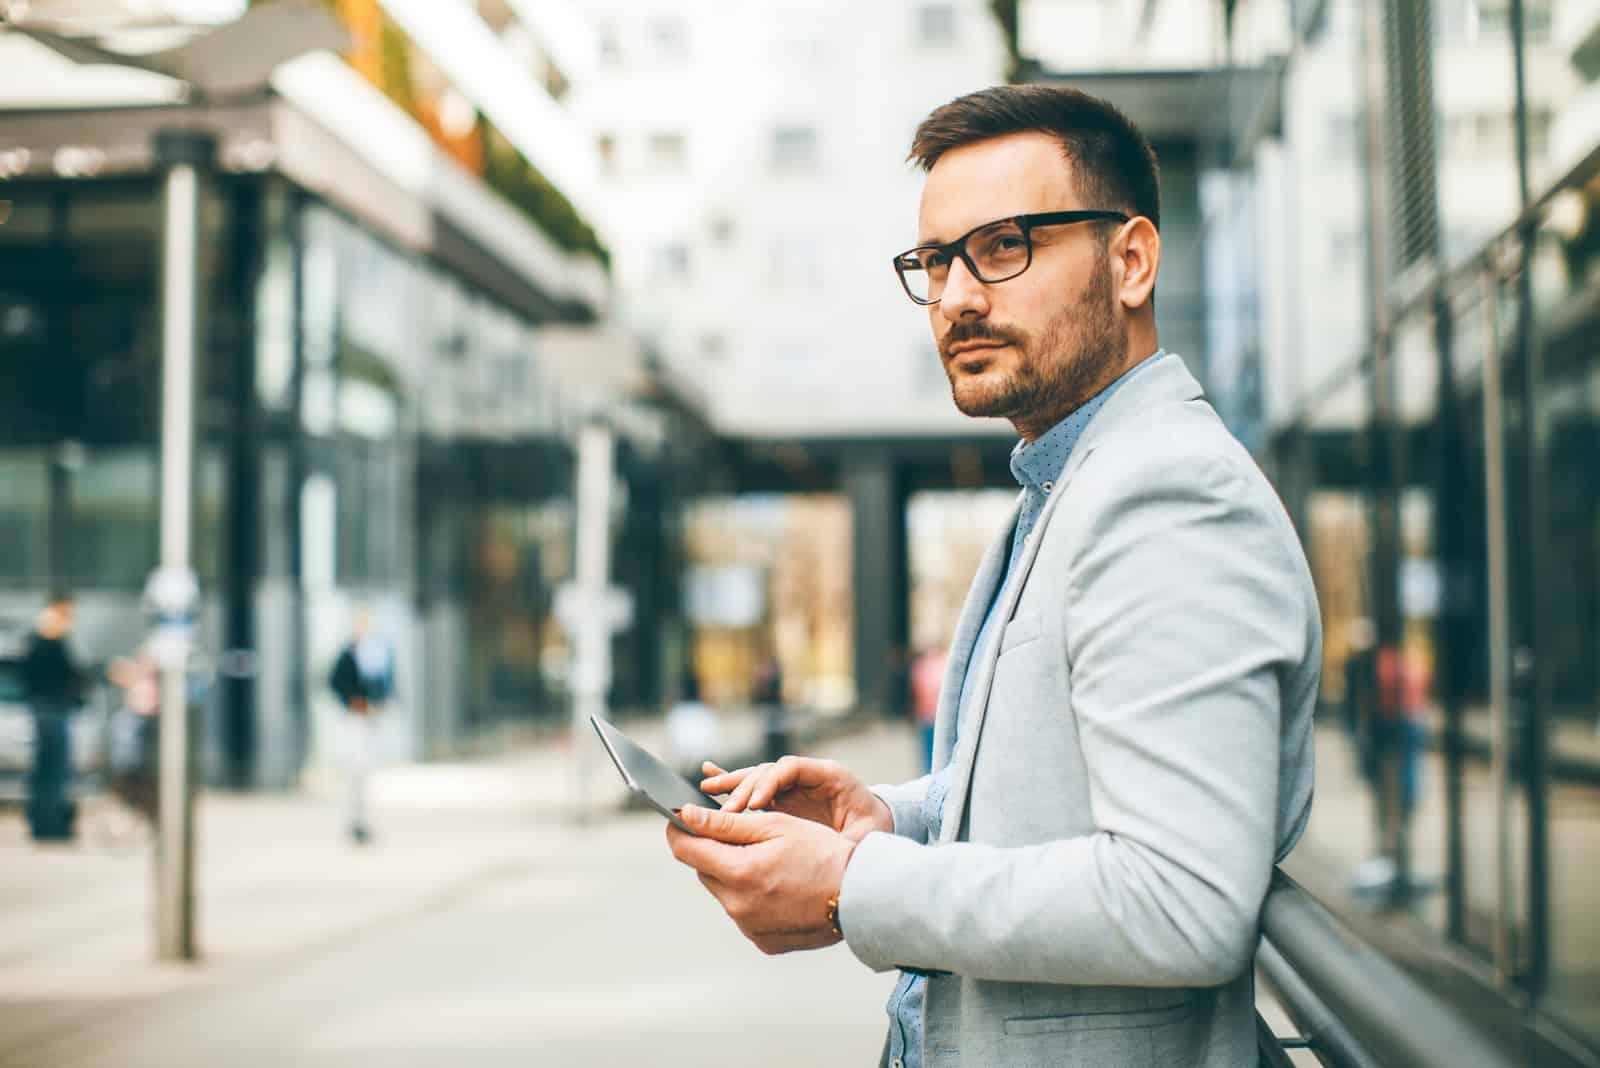 junger Geschäftsmann mit digitaler Tablette